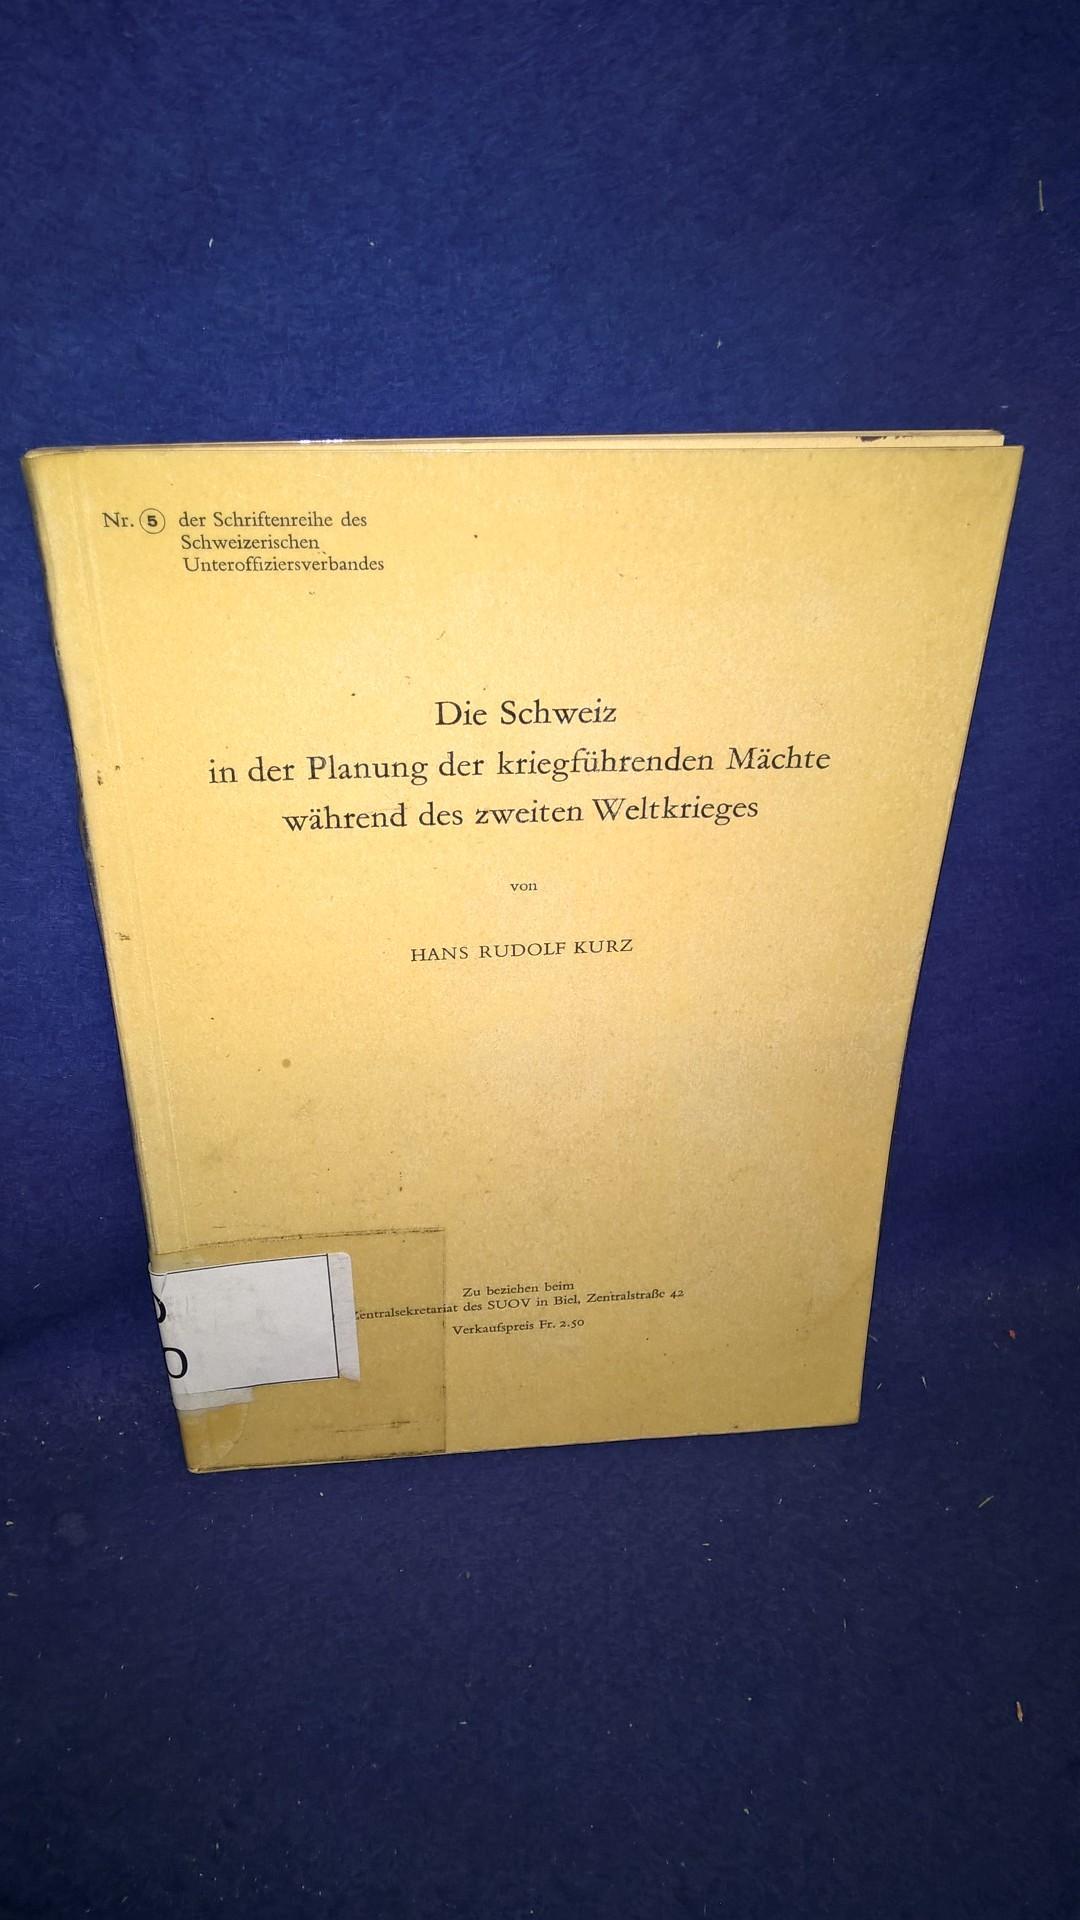 Die Schweiz in der Planung der kriegführenden Mächte während des zweiten Weltkrieges.